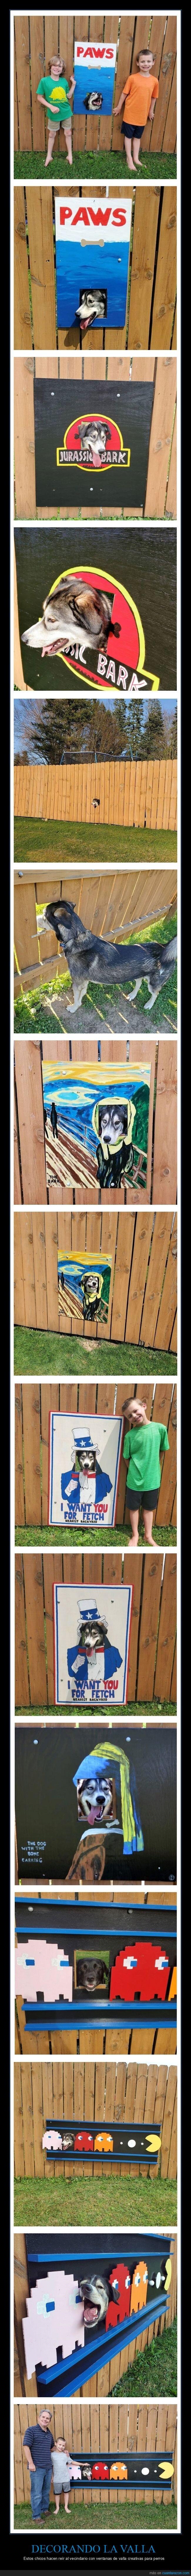 decorando,perros,valla,ventana